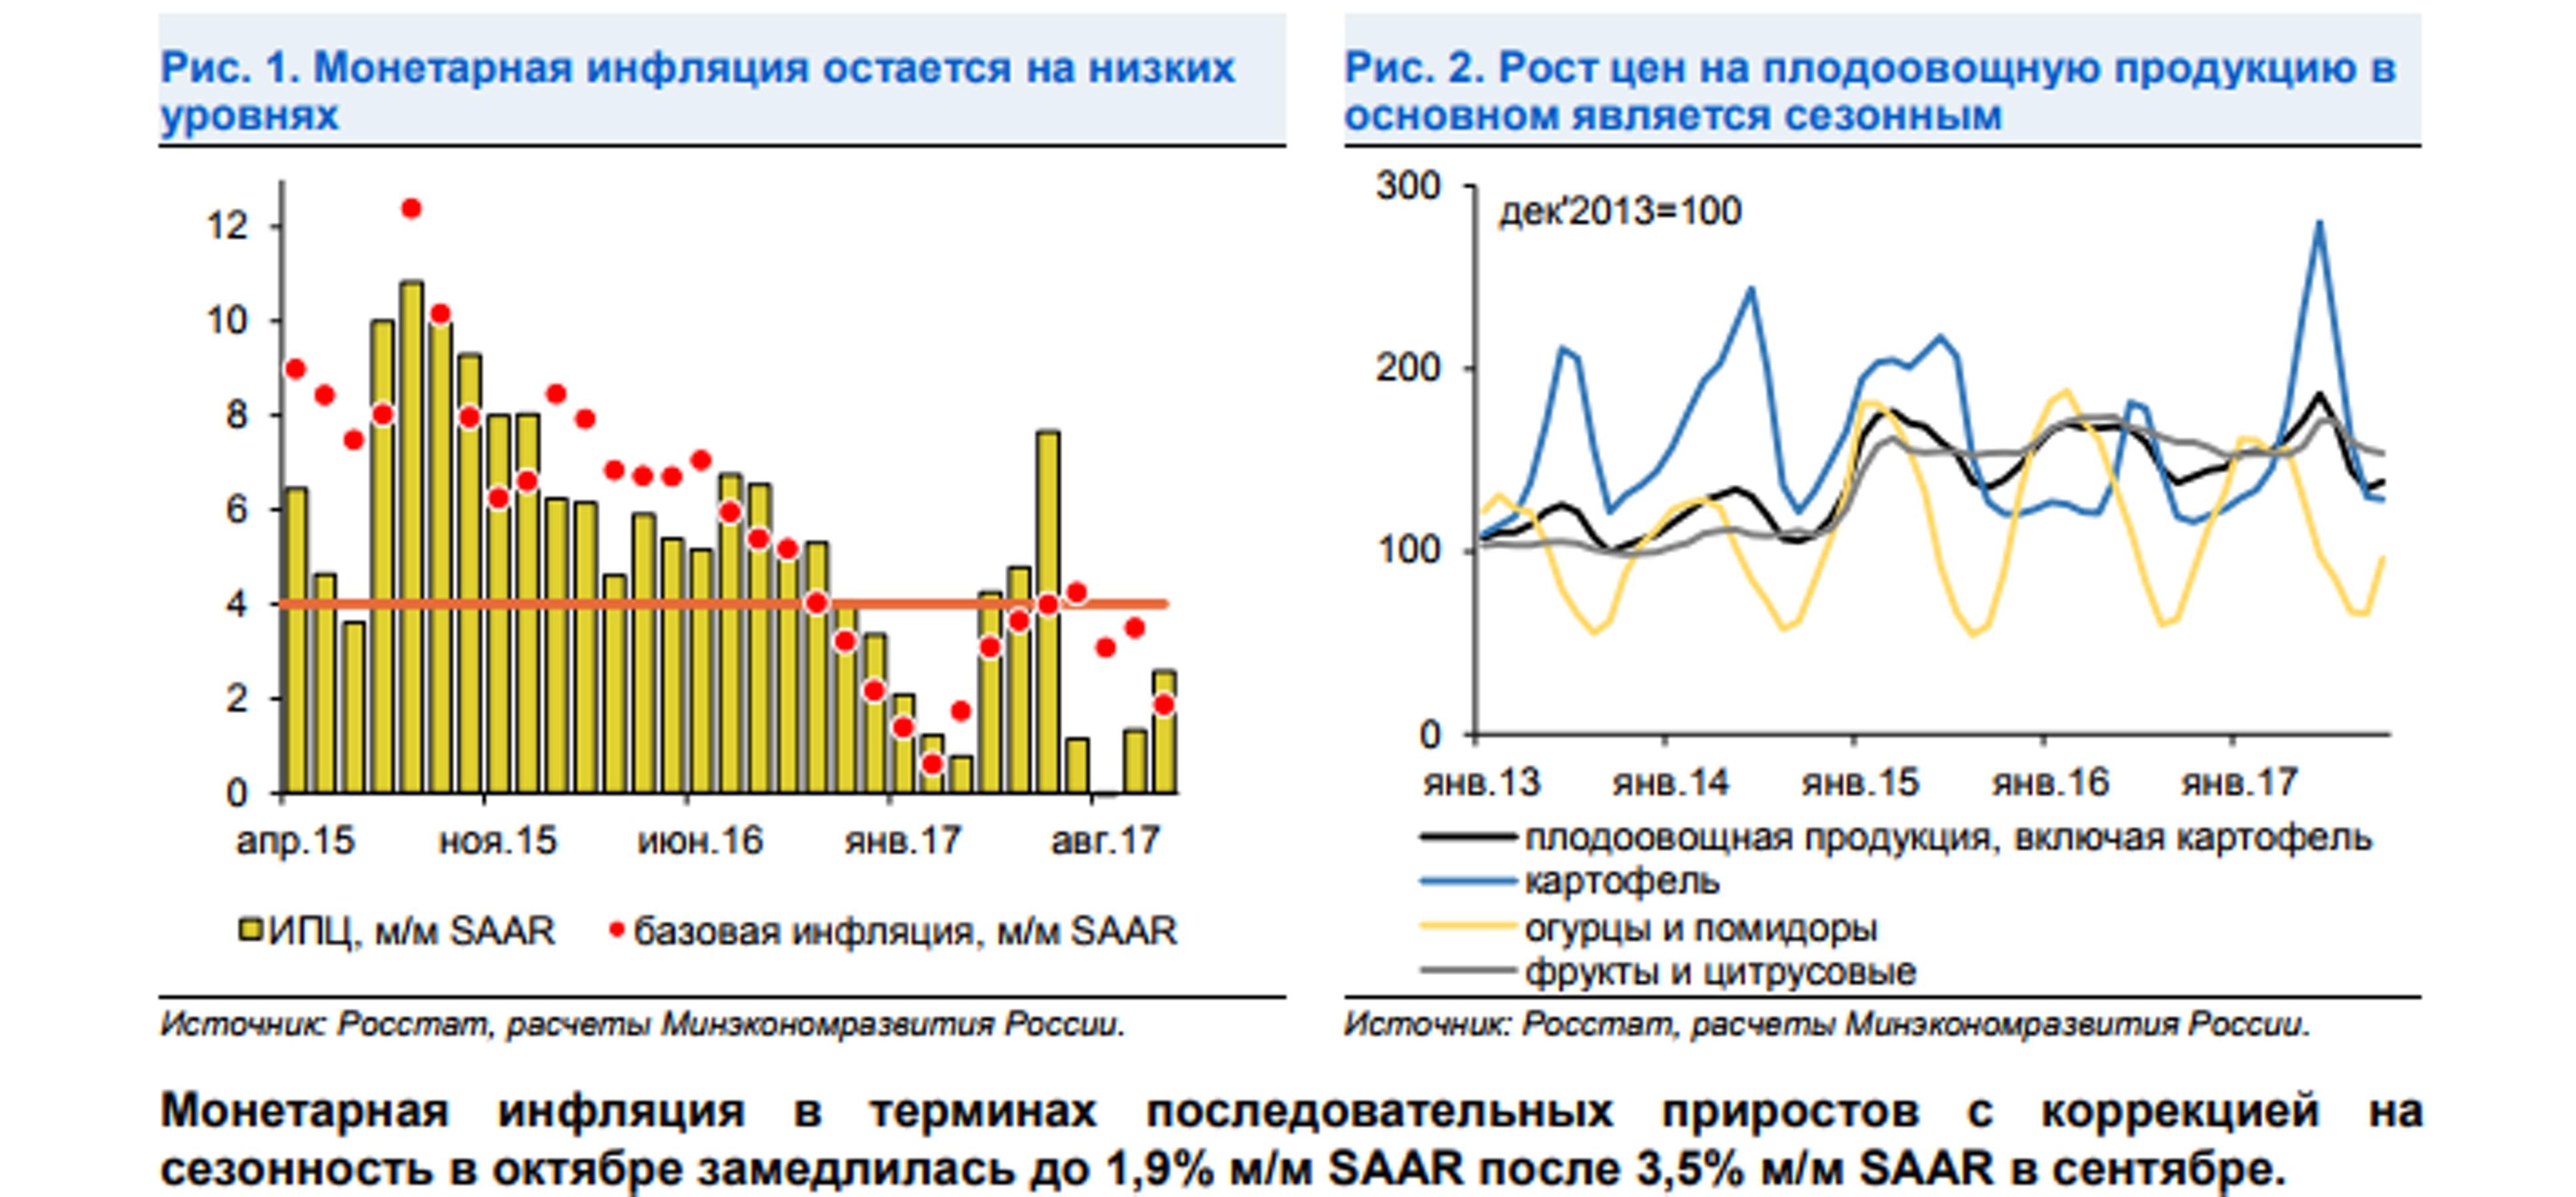 ЦБ не уверен в устойчивости инфляции